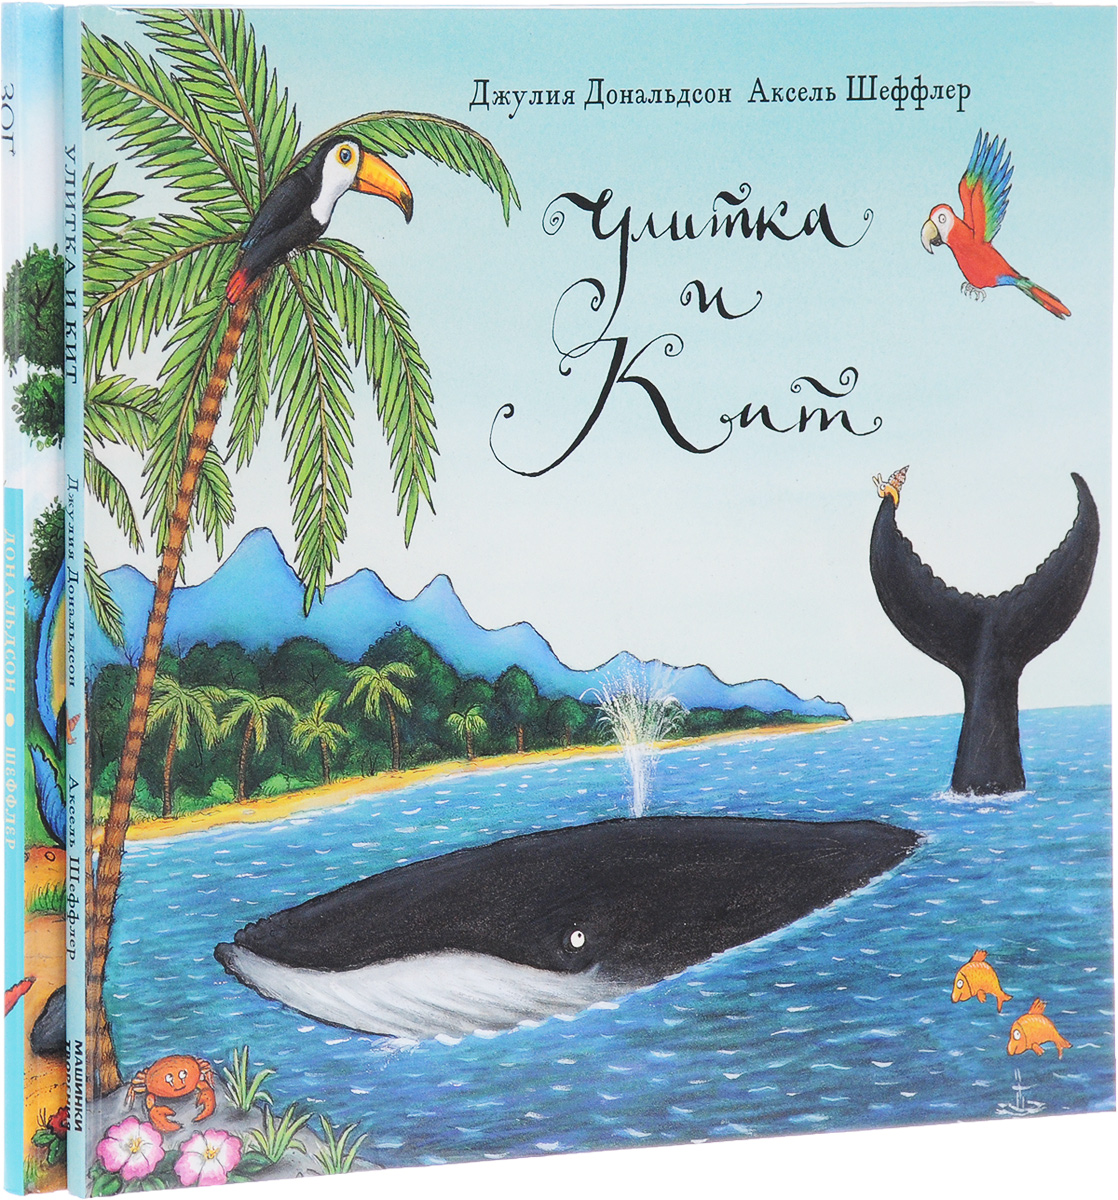 Джулия Дональдсон Зог. Улитка и кит (комплект из 2 книг) подробную информацию о ес plug улитка qd500 h 264 двойного потока водонепроницаемый купол ip видеонаблюдение